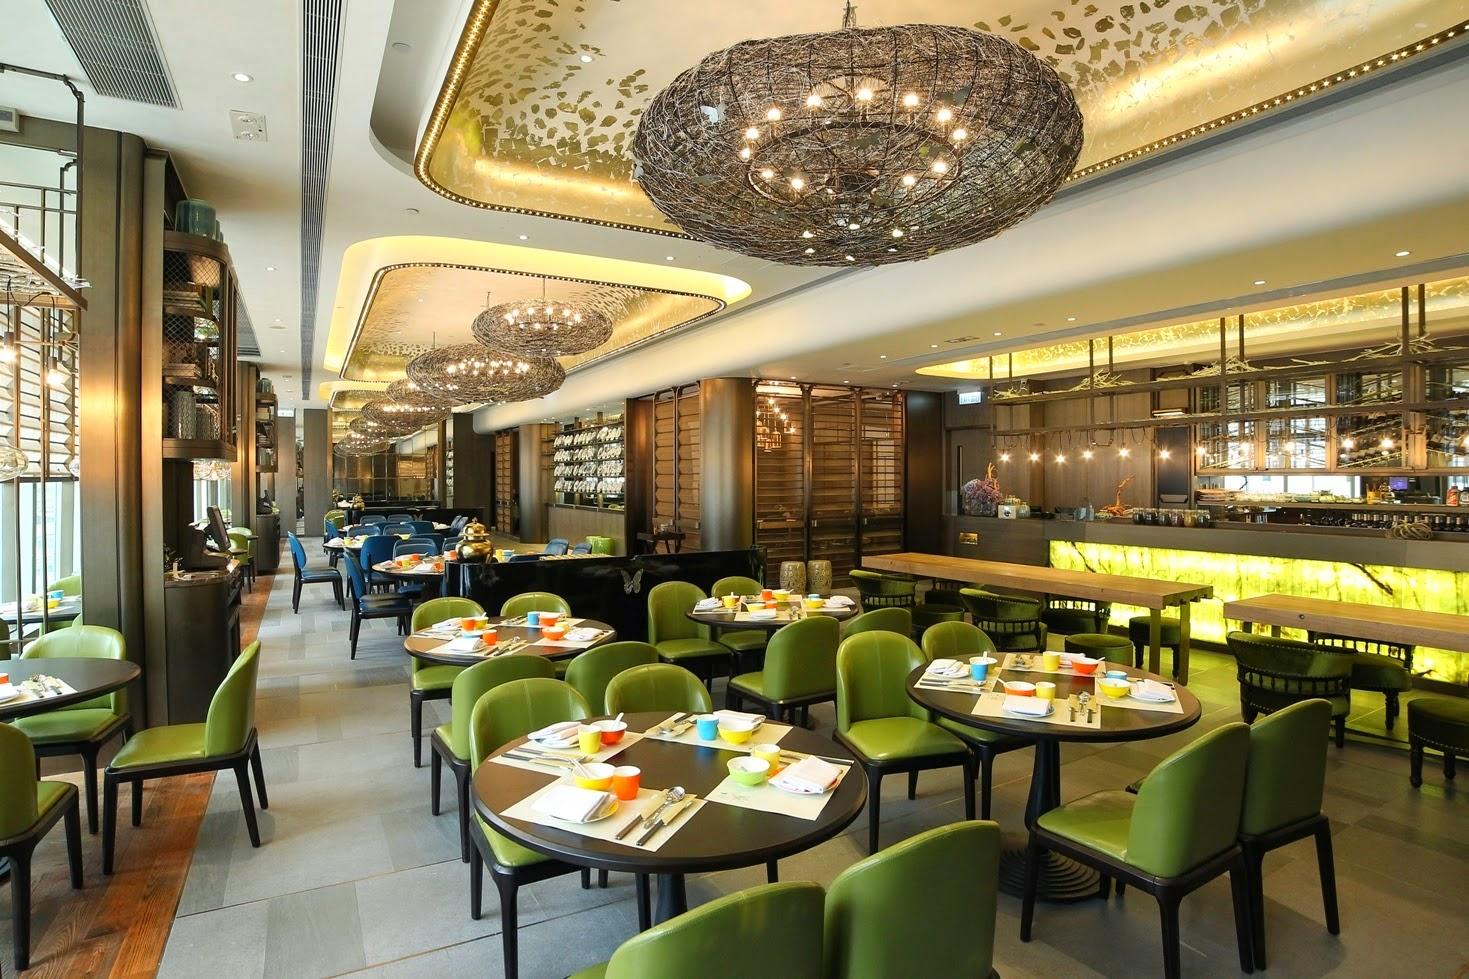 Best Interior Restaurant Hong Kong : Best restaurants in causeway bay hong kong hungry